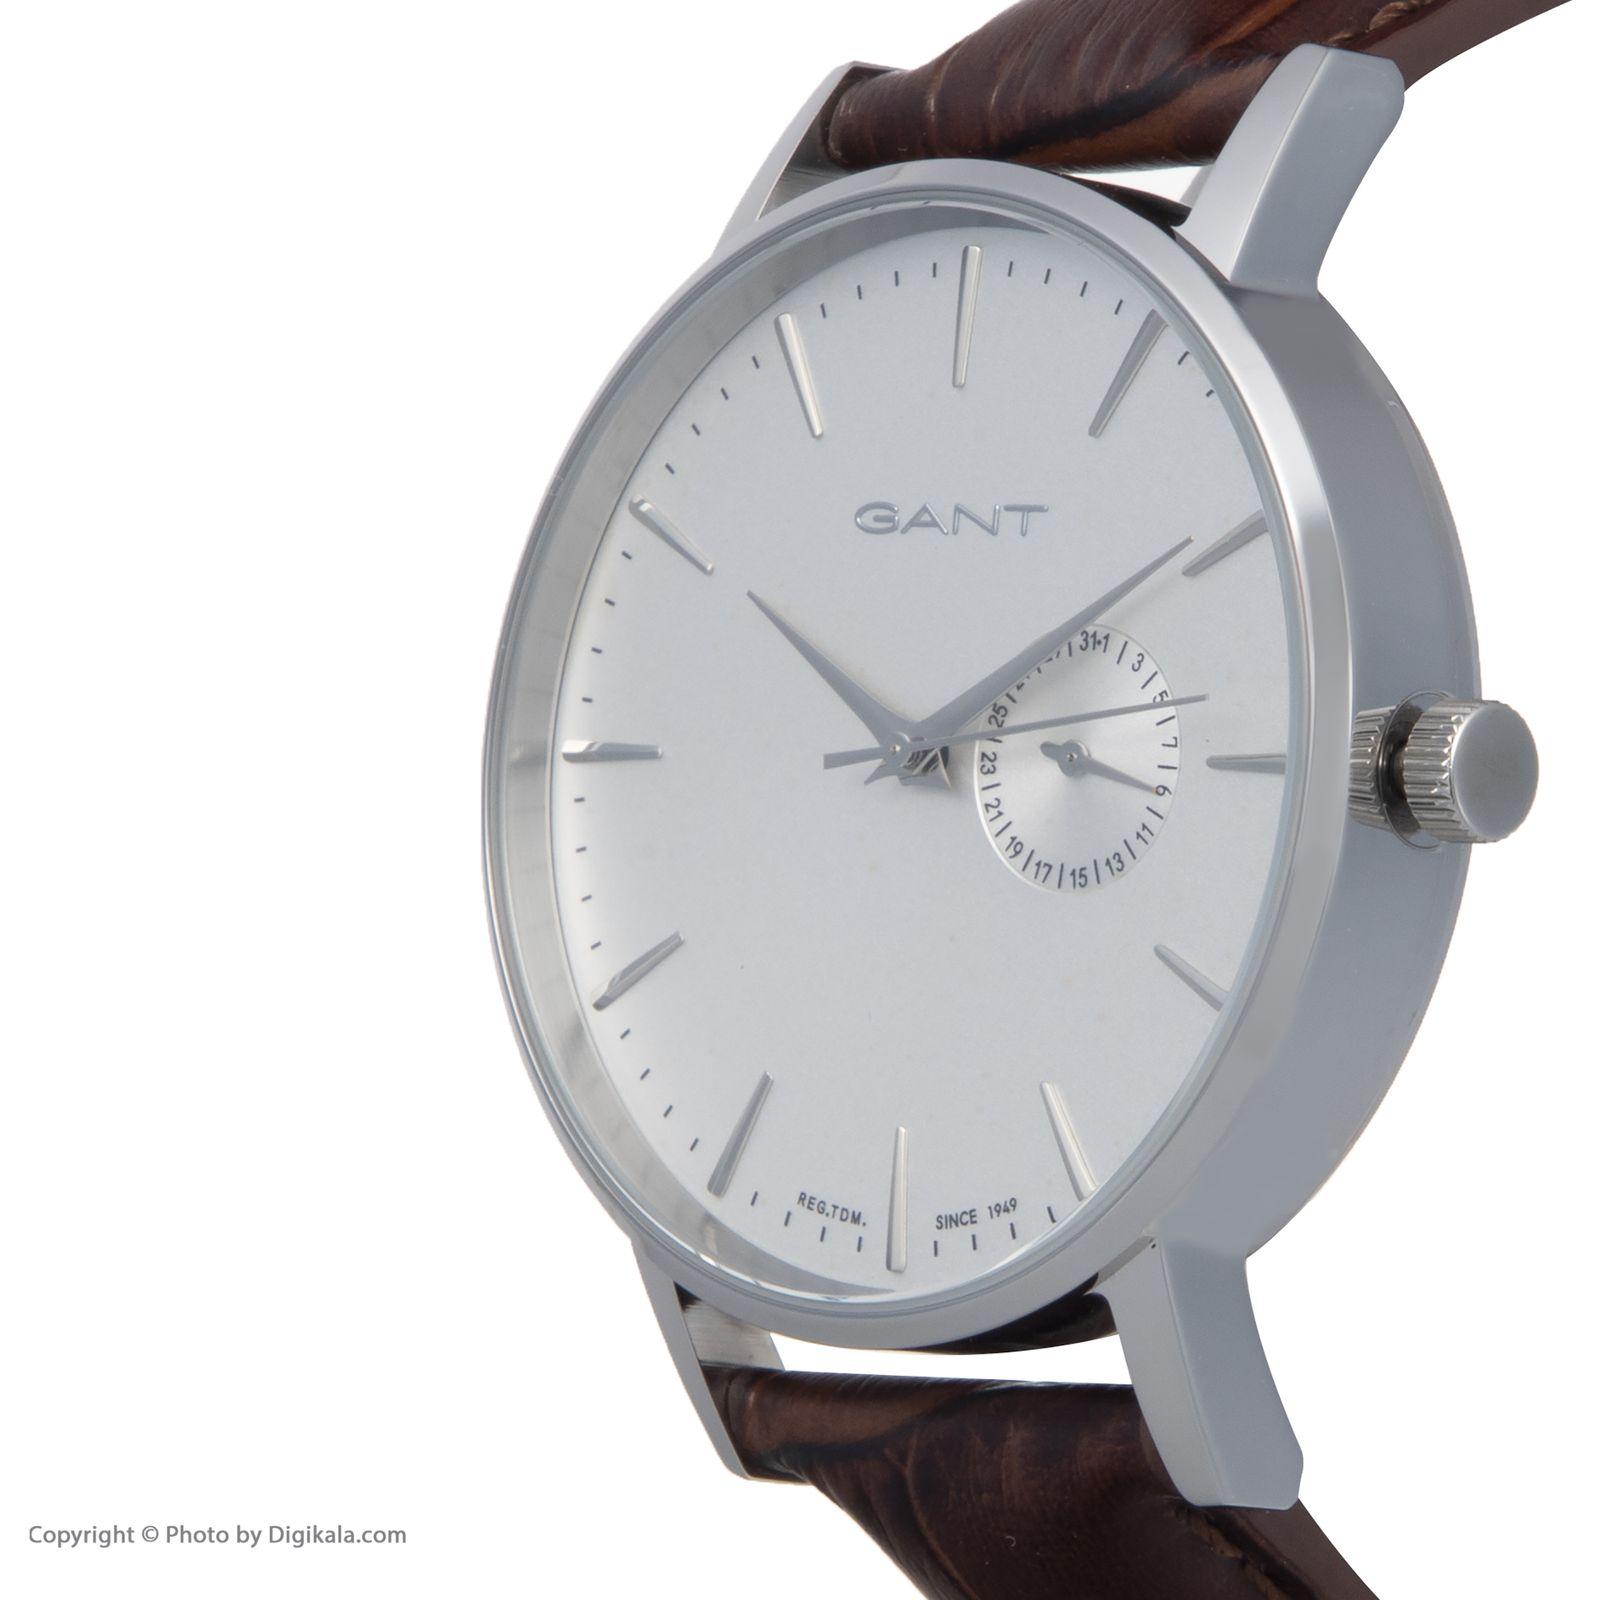 ساعت مچی عقربه ای مردانه گنت مدل GWW10842 -  - 5